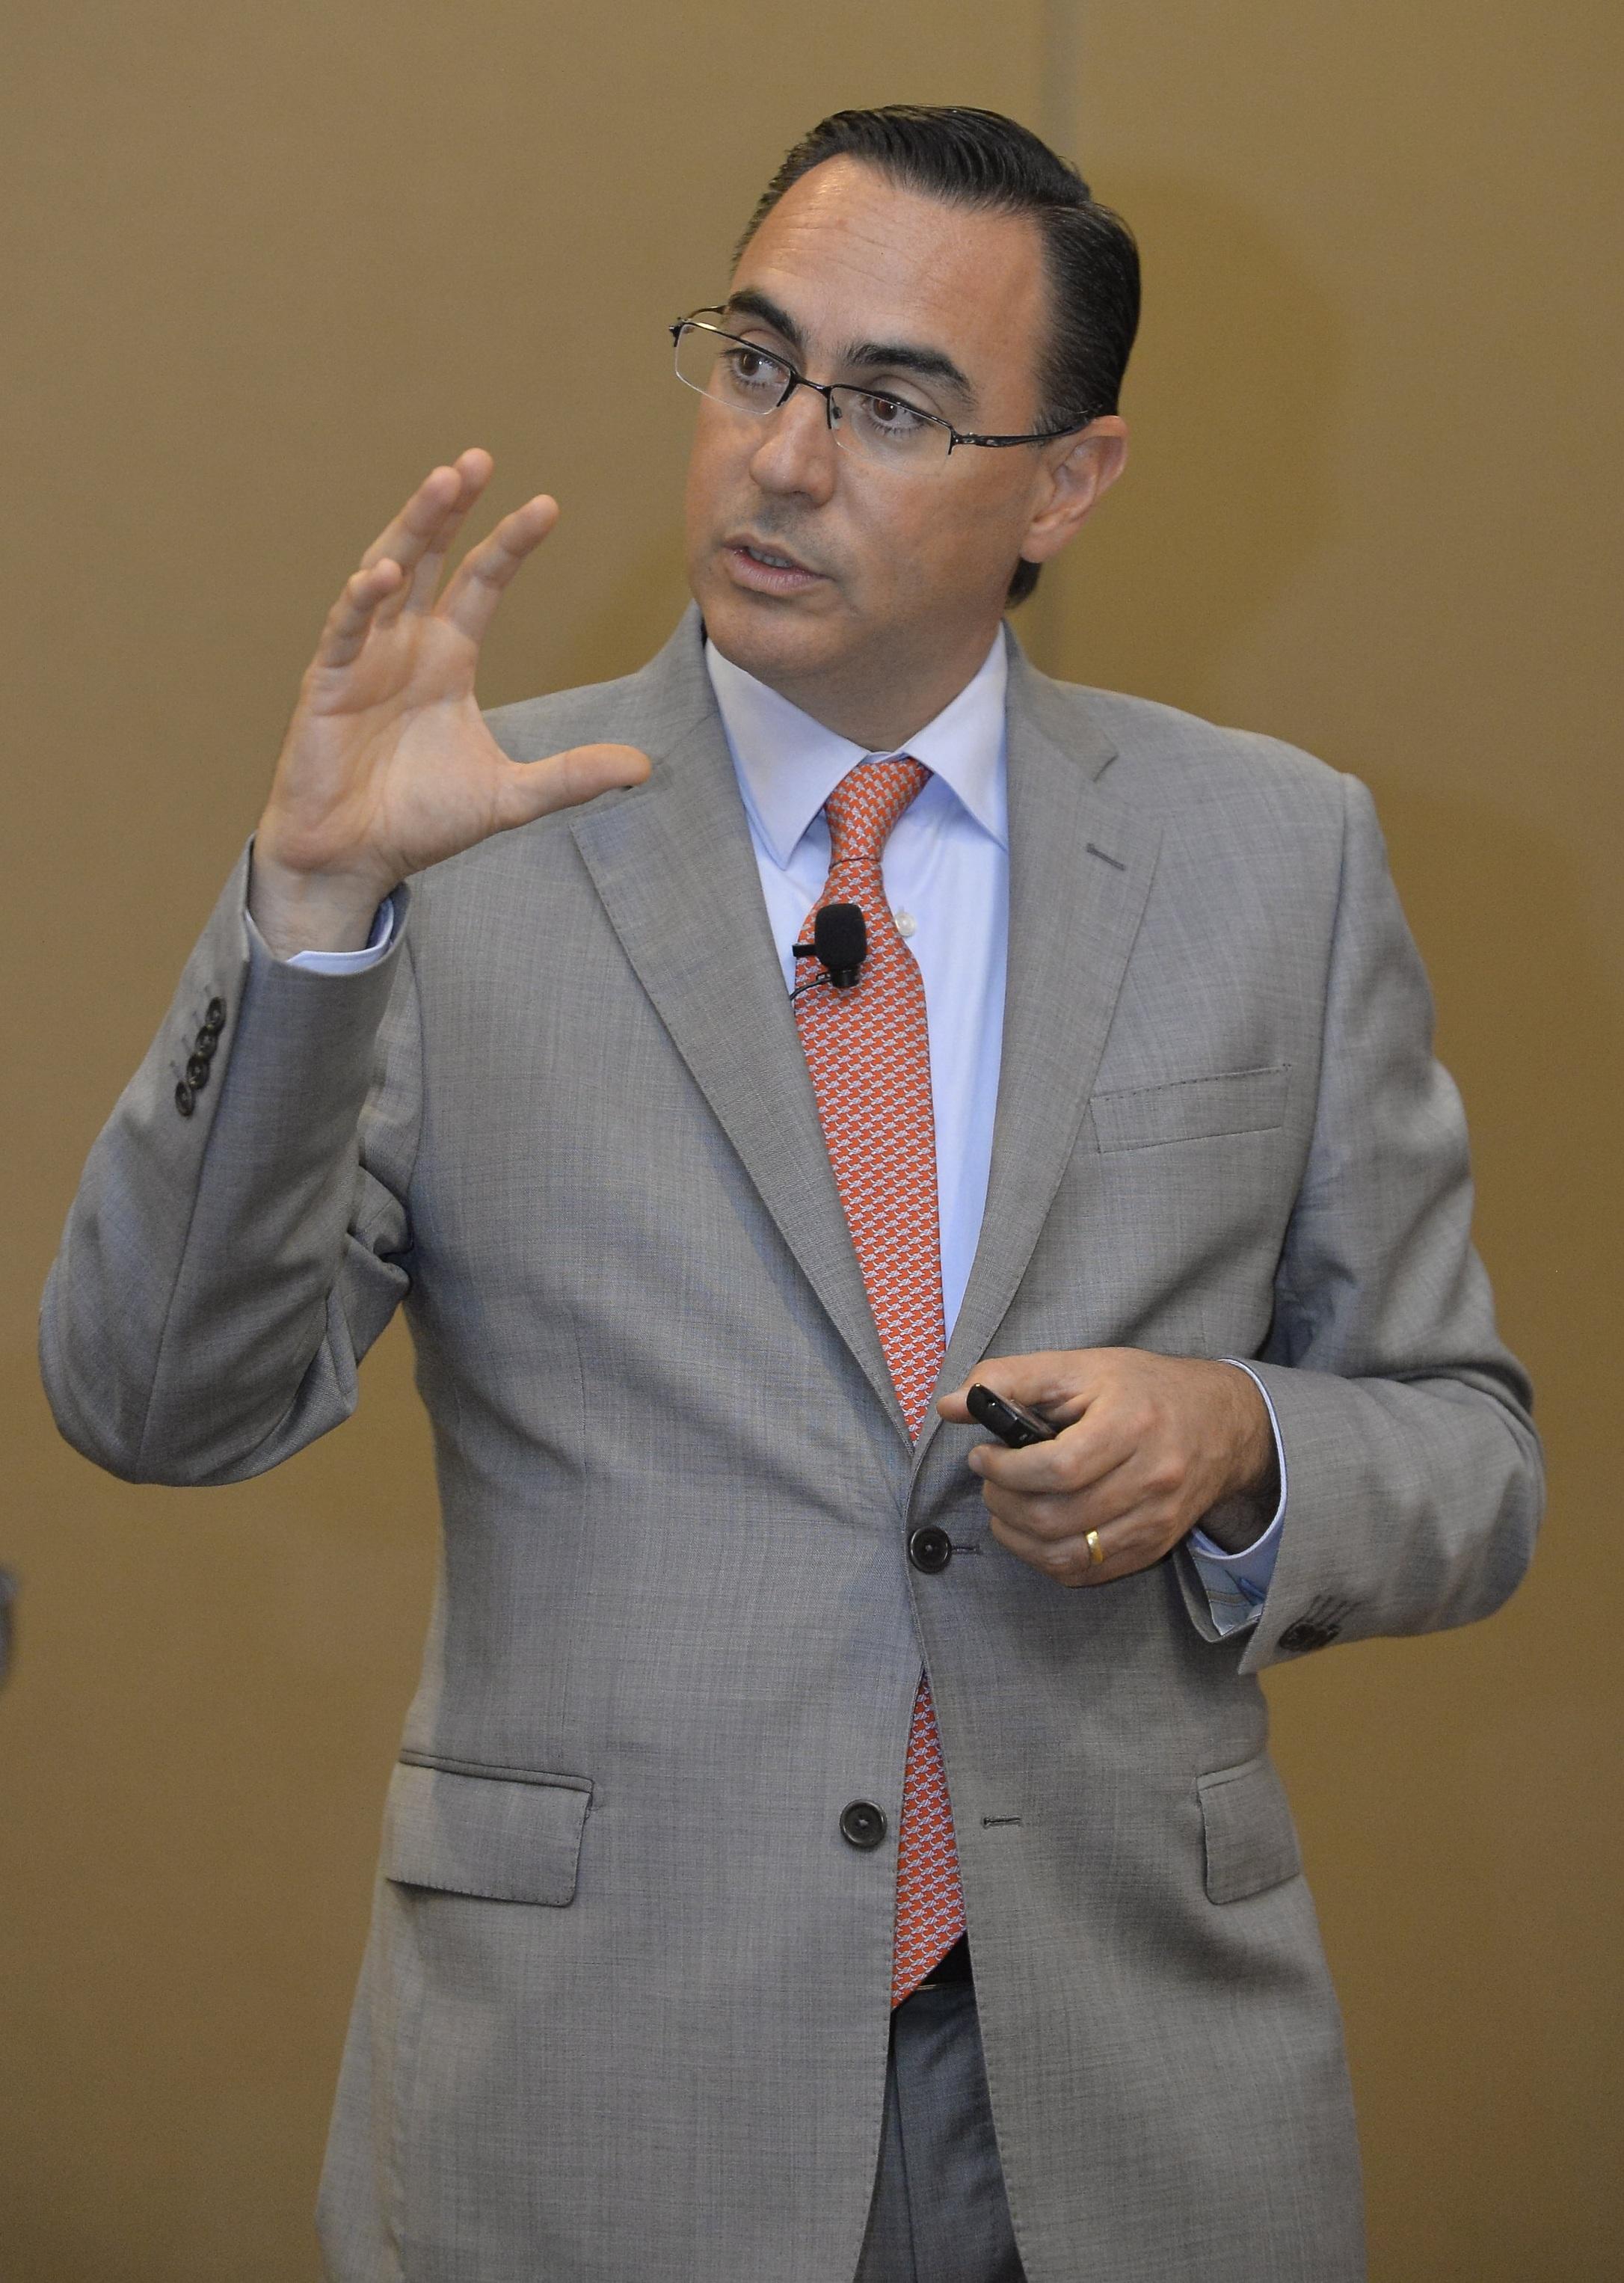 Fernando Sepulveda